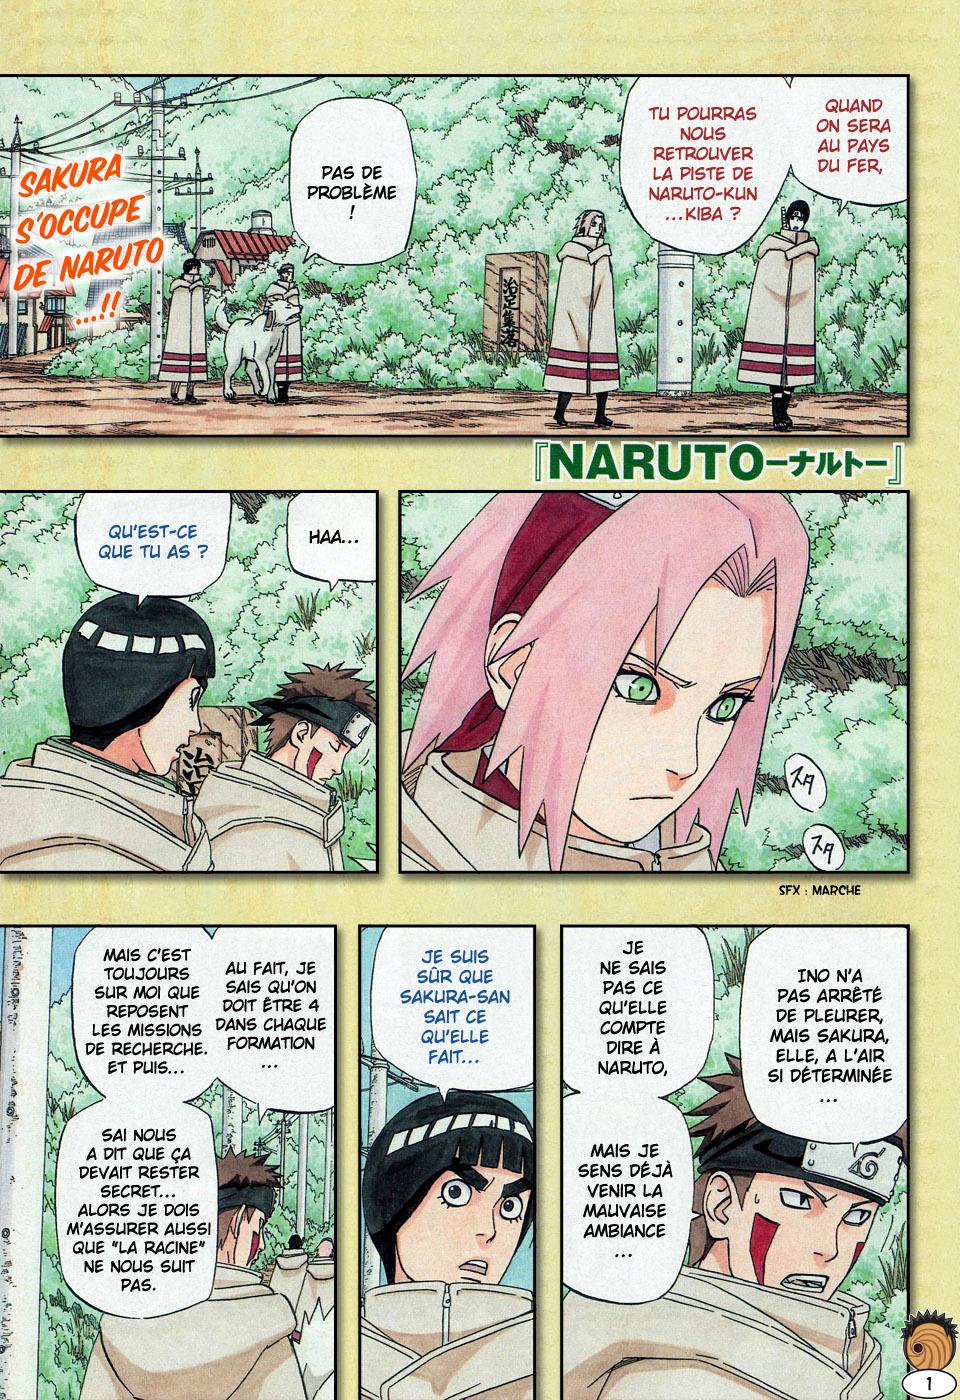 Naruto chapitre 467 - Page 1